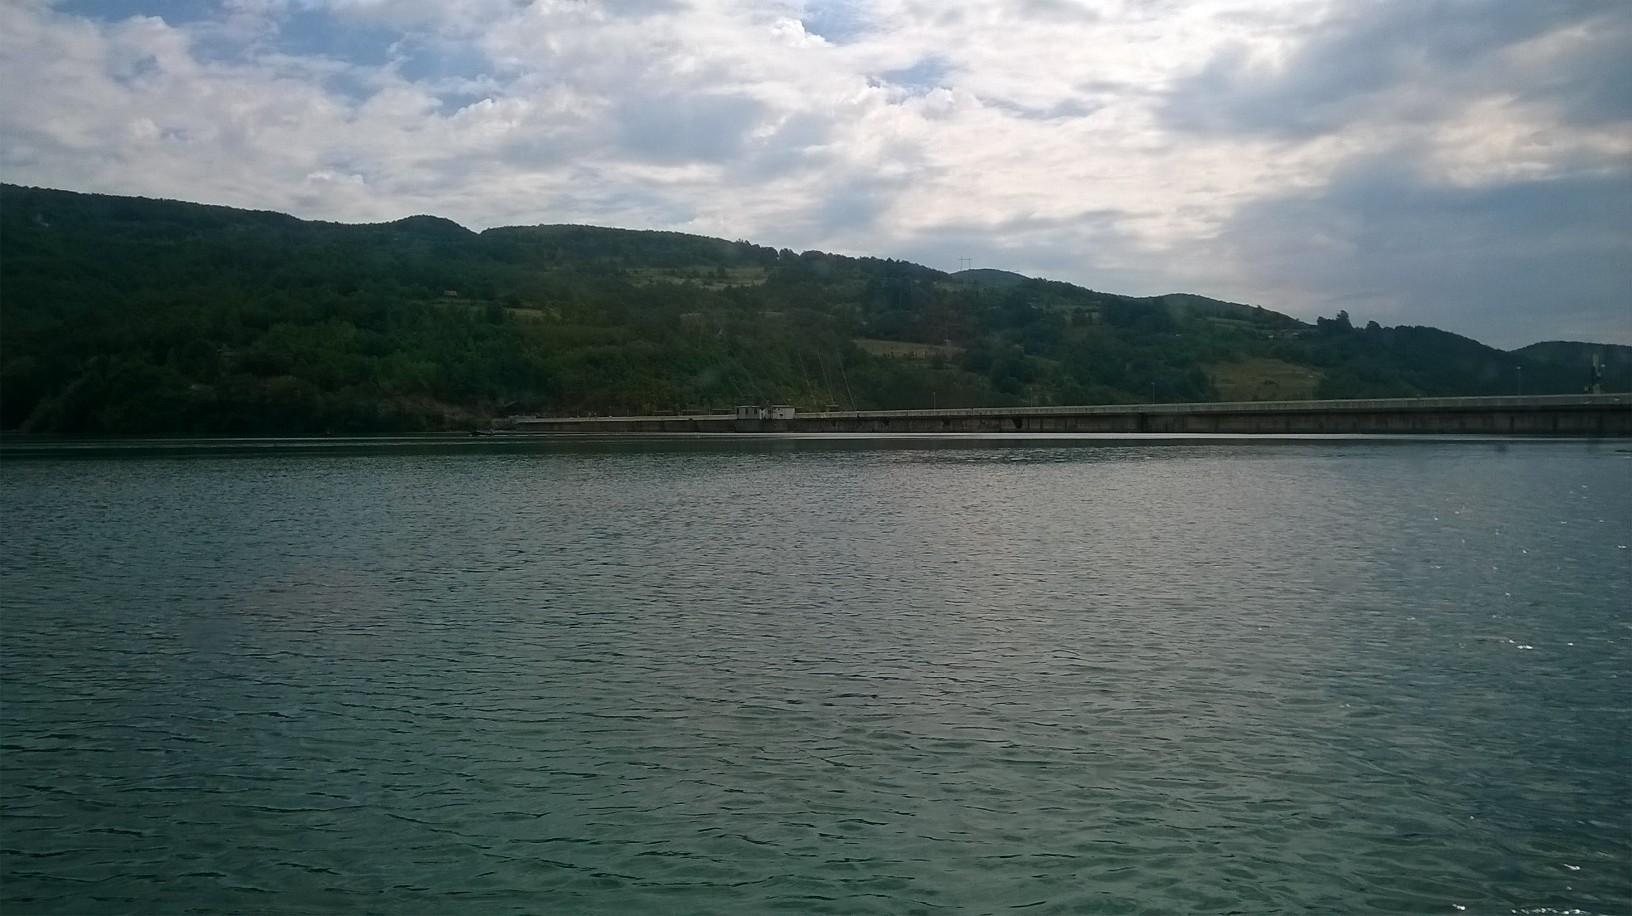 језеро - поглед на брану